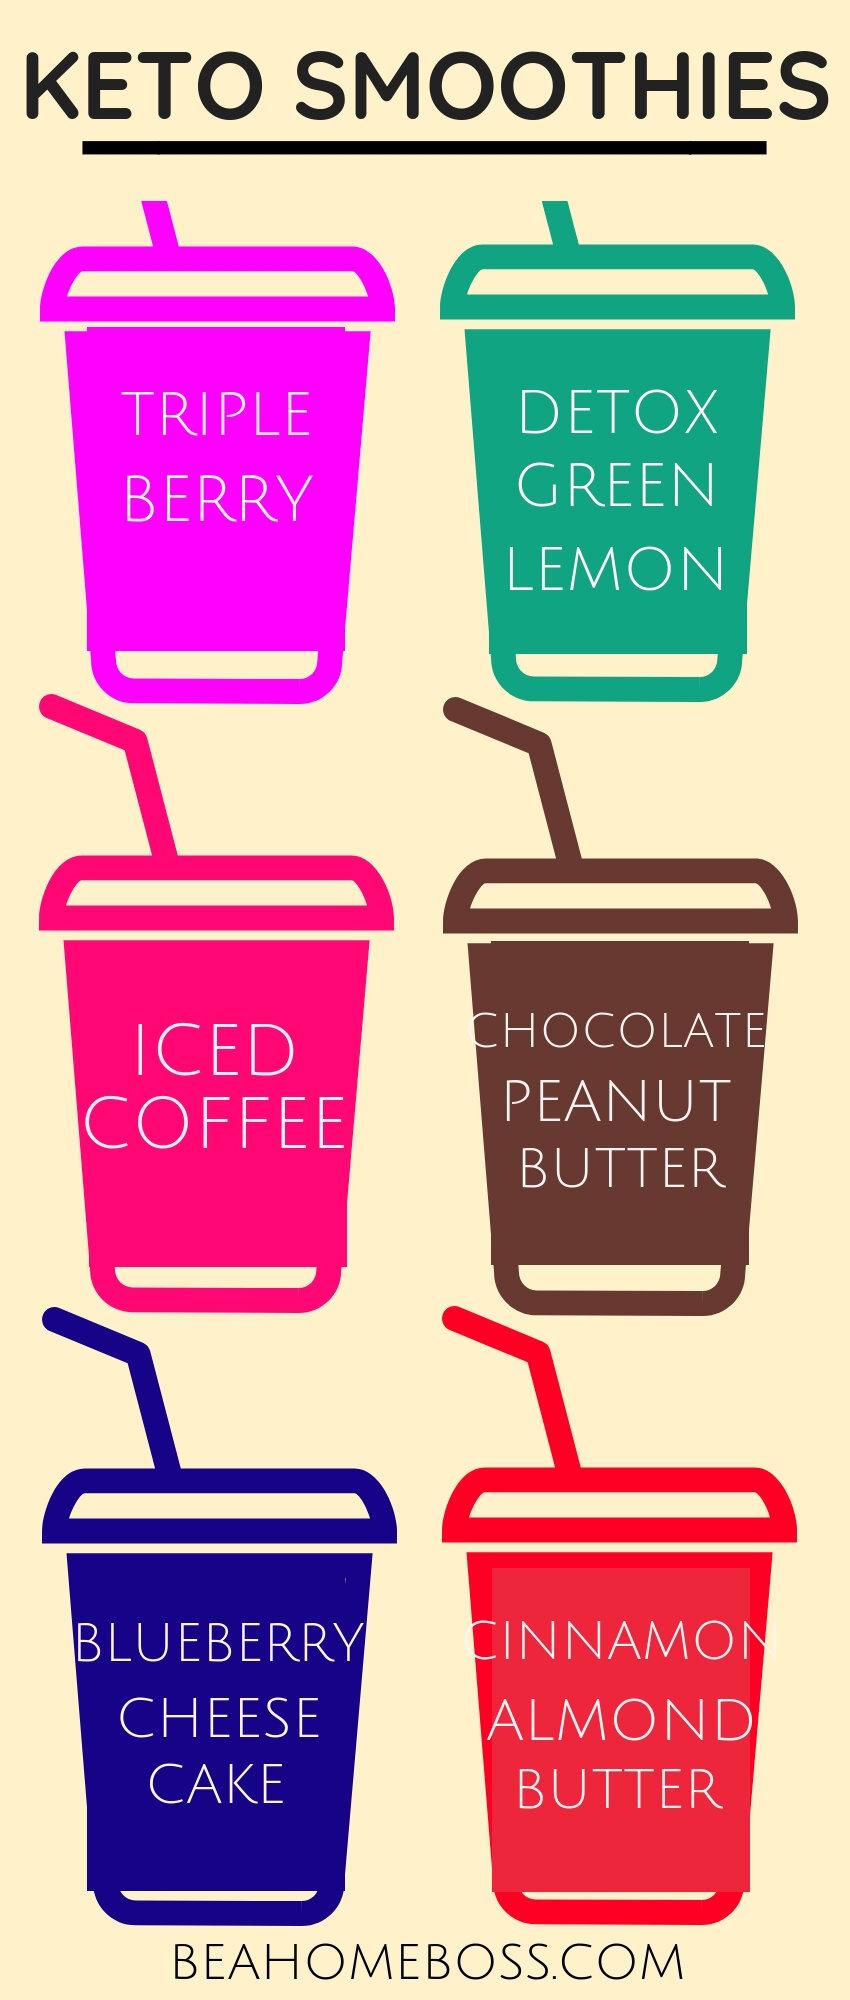 keto smoothie recipes quick.jpg